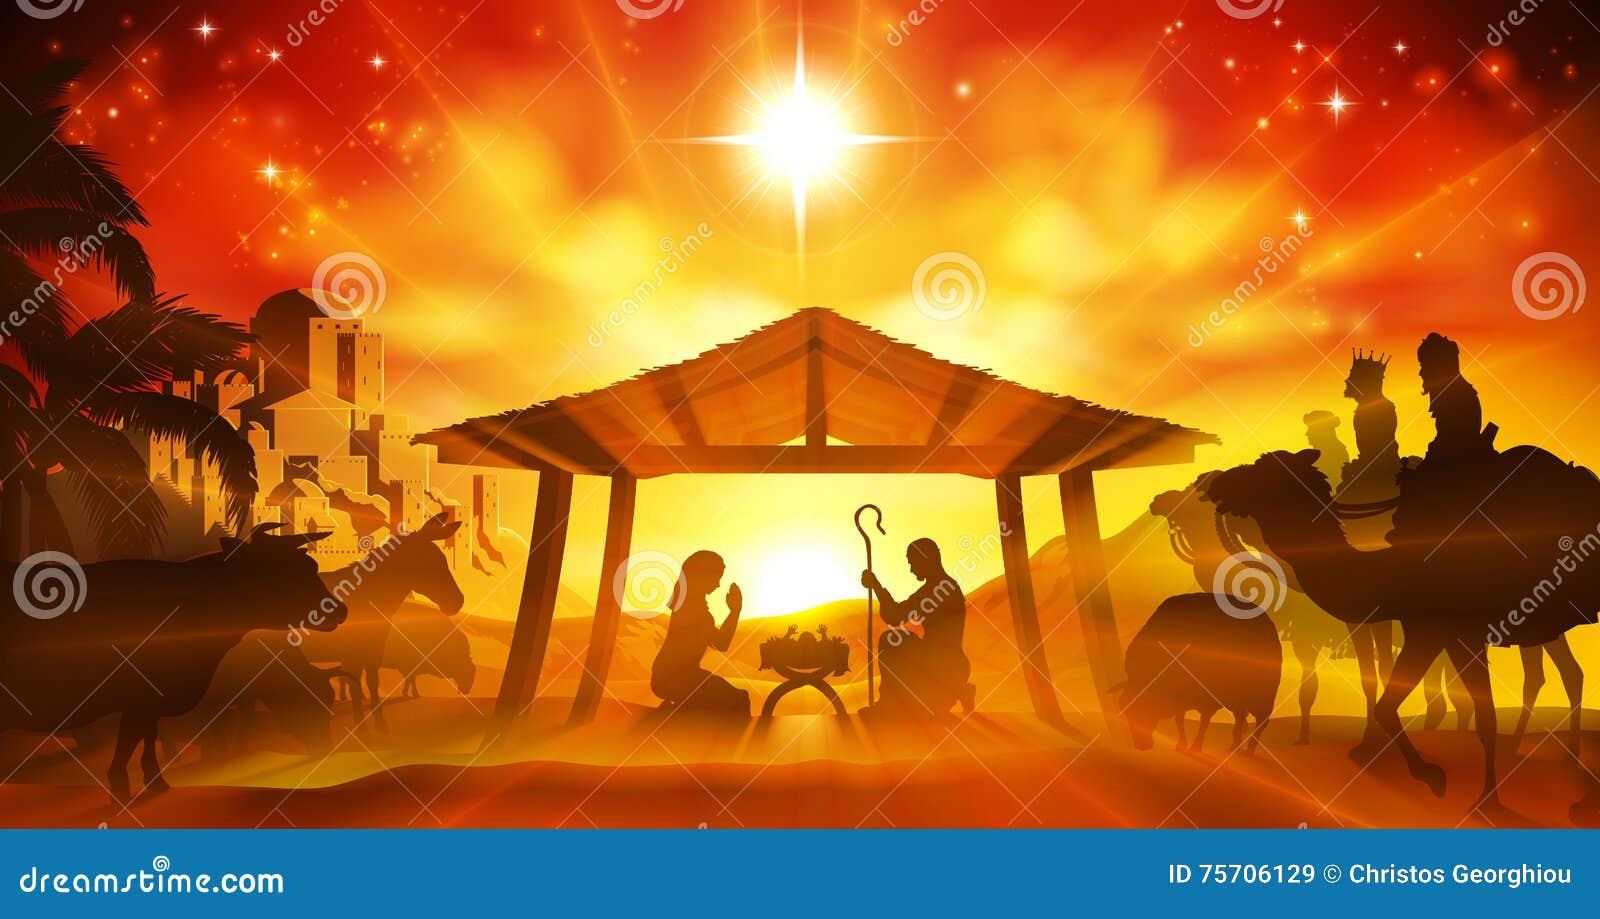 święta bożego narodzenia jezusa sceny ilustracyjny wektora